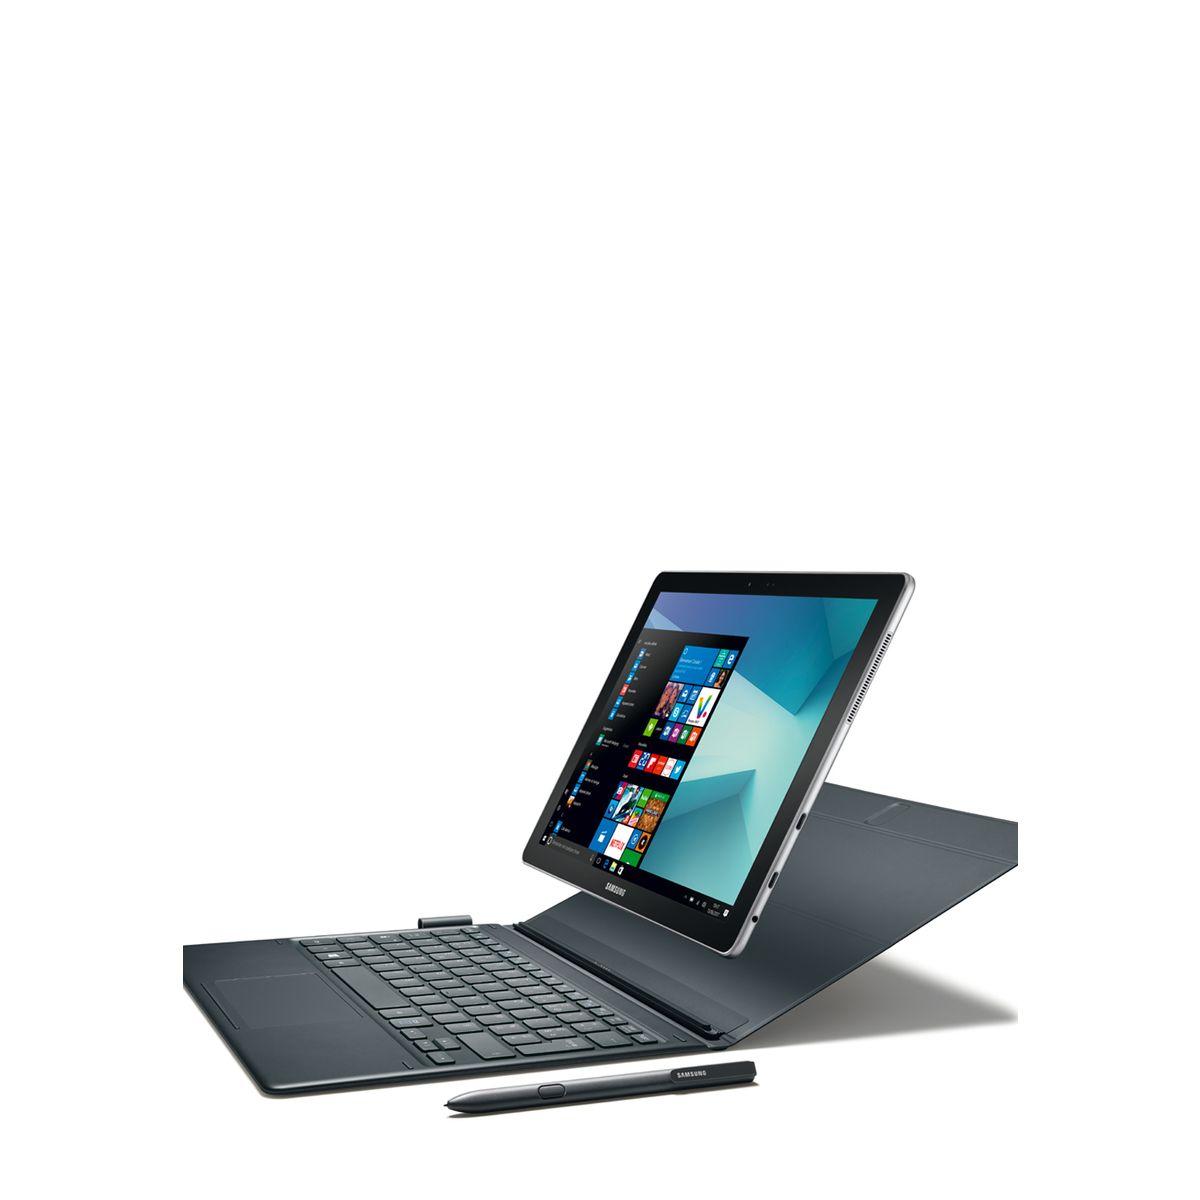 SAMSUNG Tablette tactile Galaxy Book 12 - 4G - Noir - Ecran 12 pouces - Processeur Intel Core I5 - Mémoire 256Go - Mémoire vive RAM 8Go - Système d'exploitation Windows 10 Pro